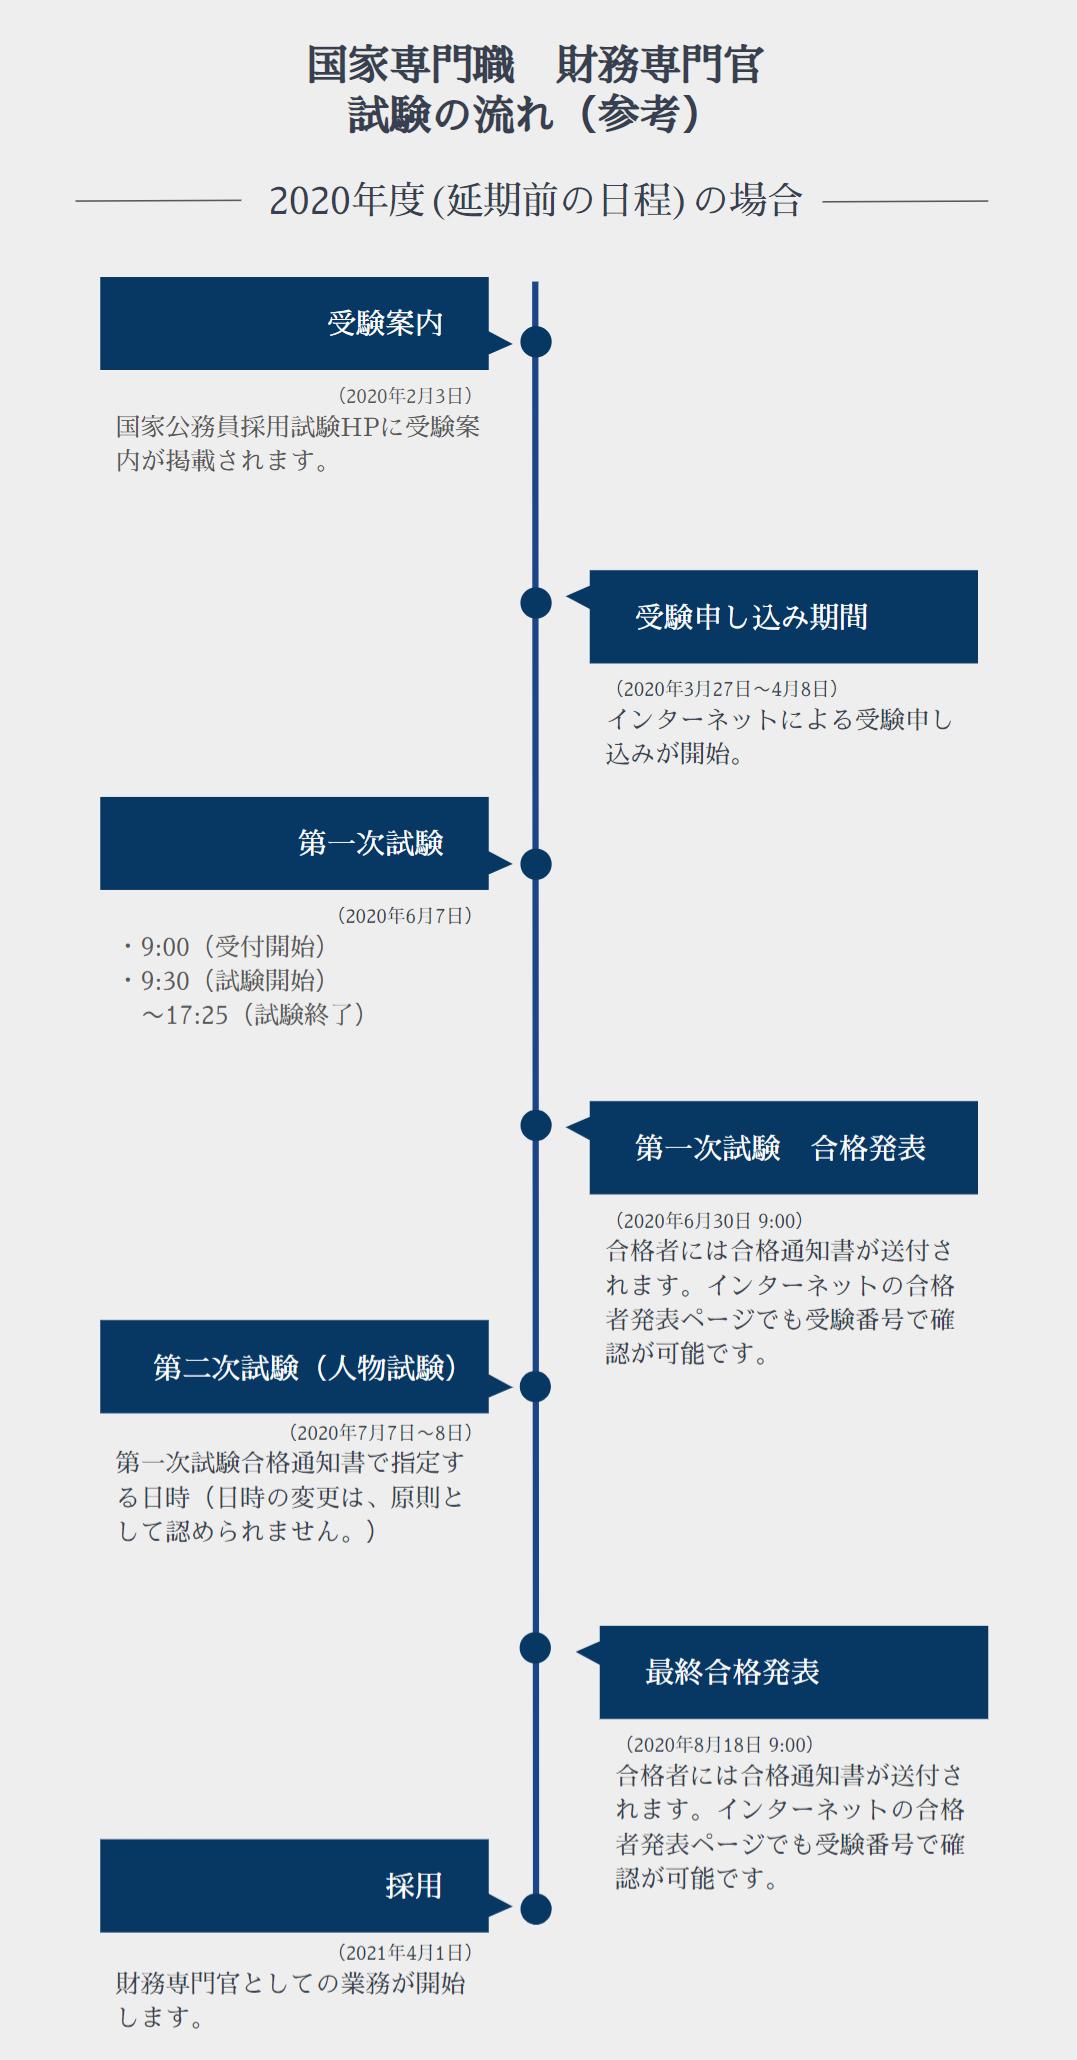 財務専門官 試験の流れ イメージ画像